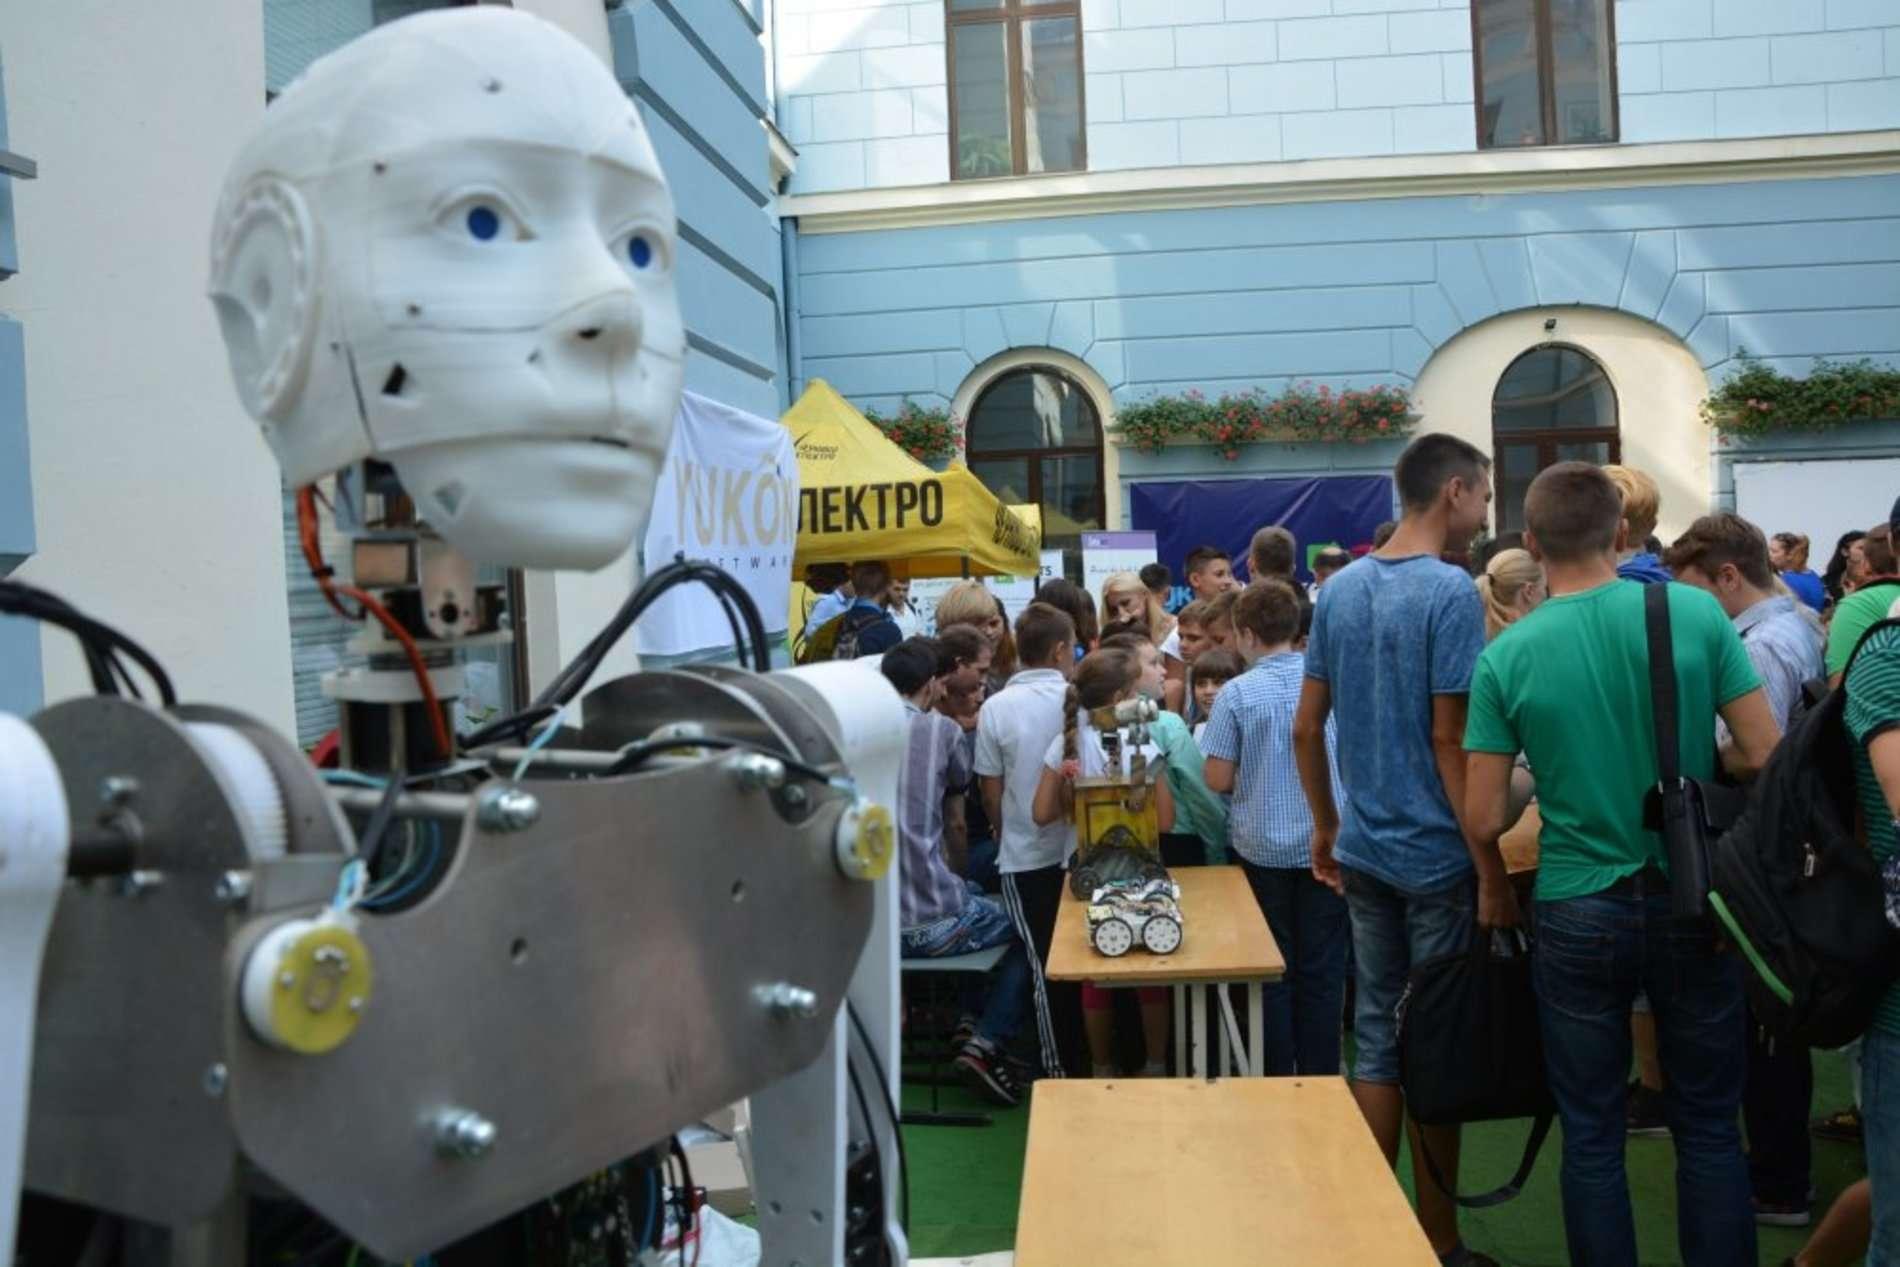 Як проходив фестиваль інформаційних технологій у Чернівцях